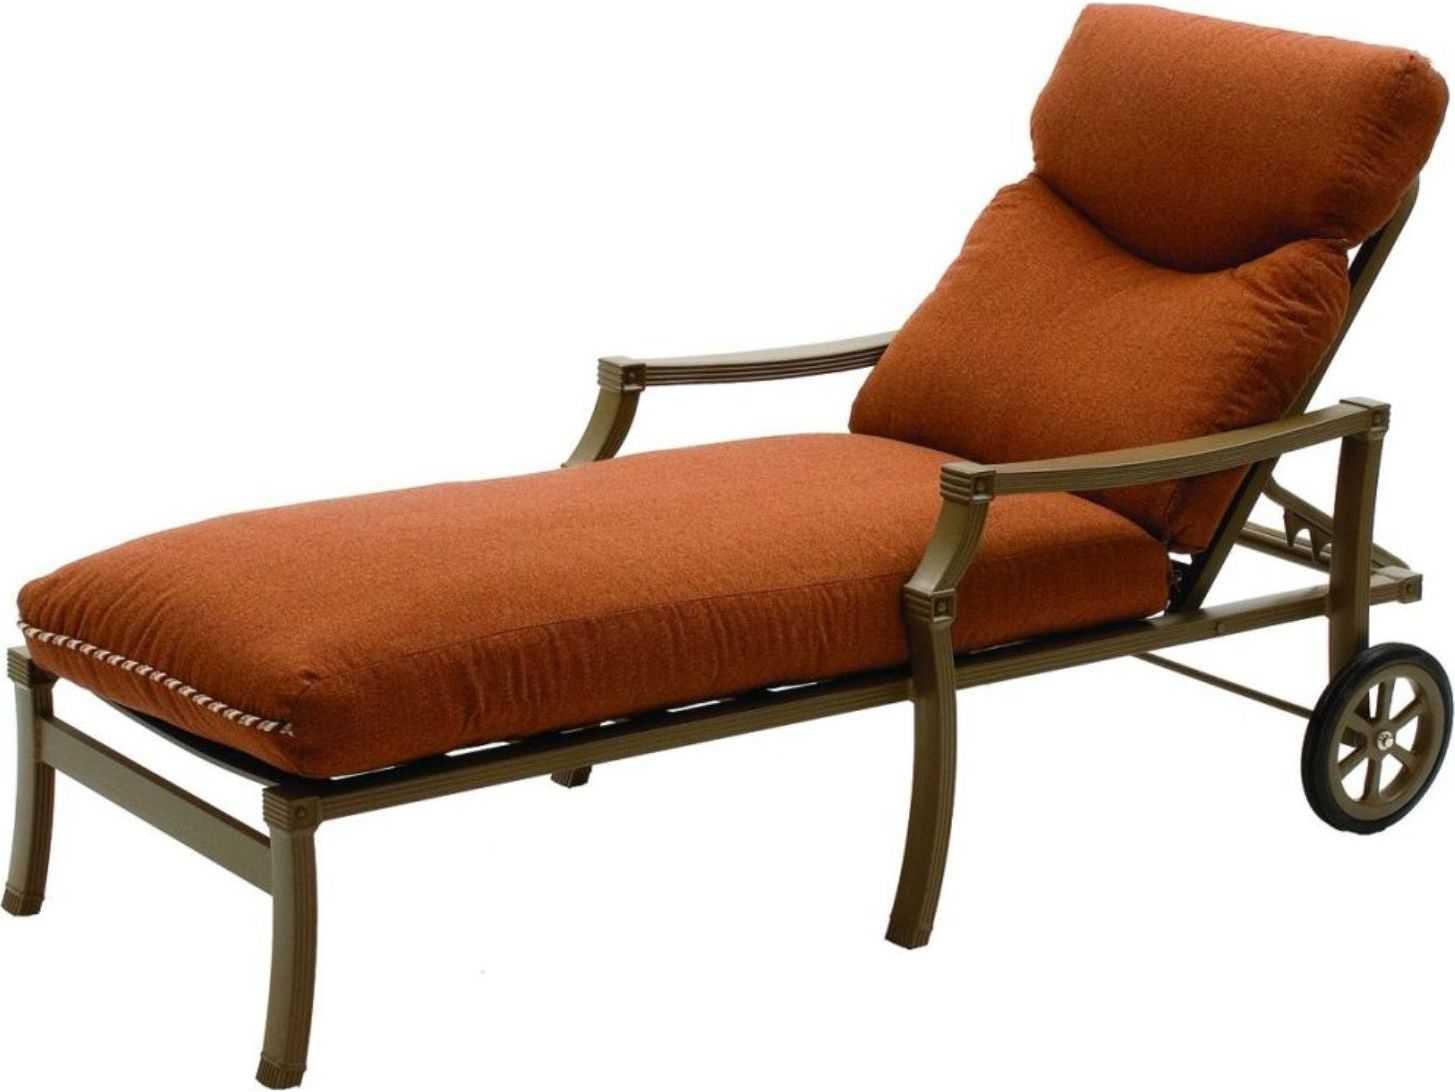 Suncoast devereaux cushion cast aluminum arm chaise 5713 for Cast aluminum chaise